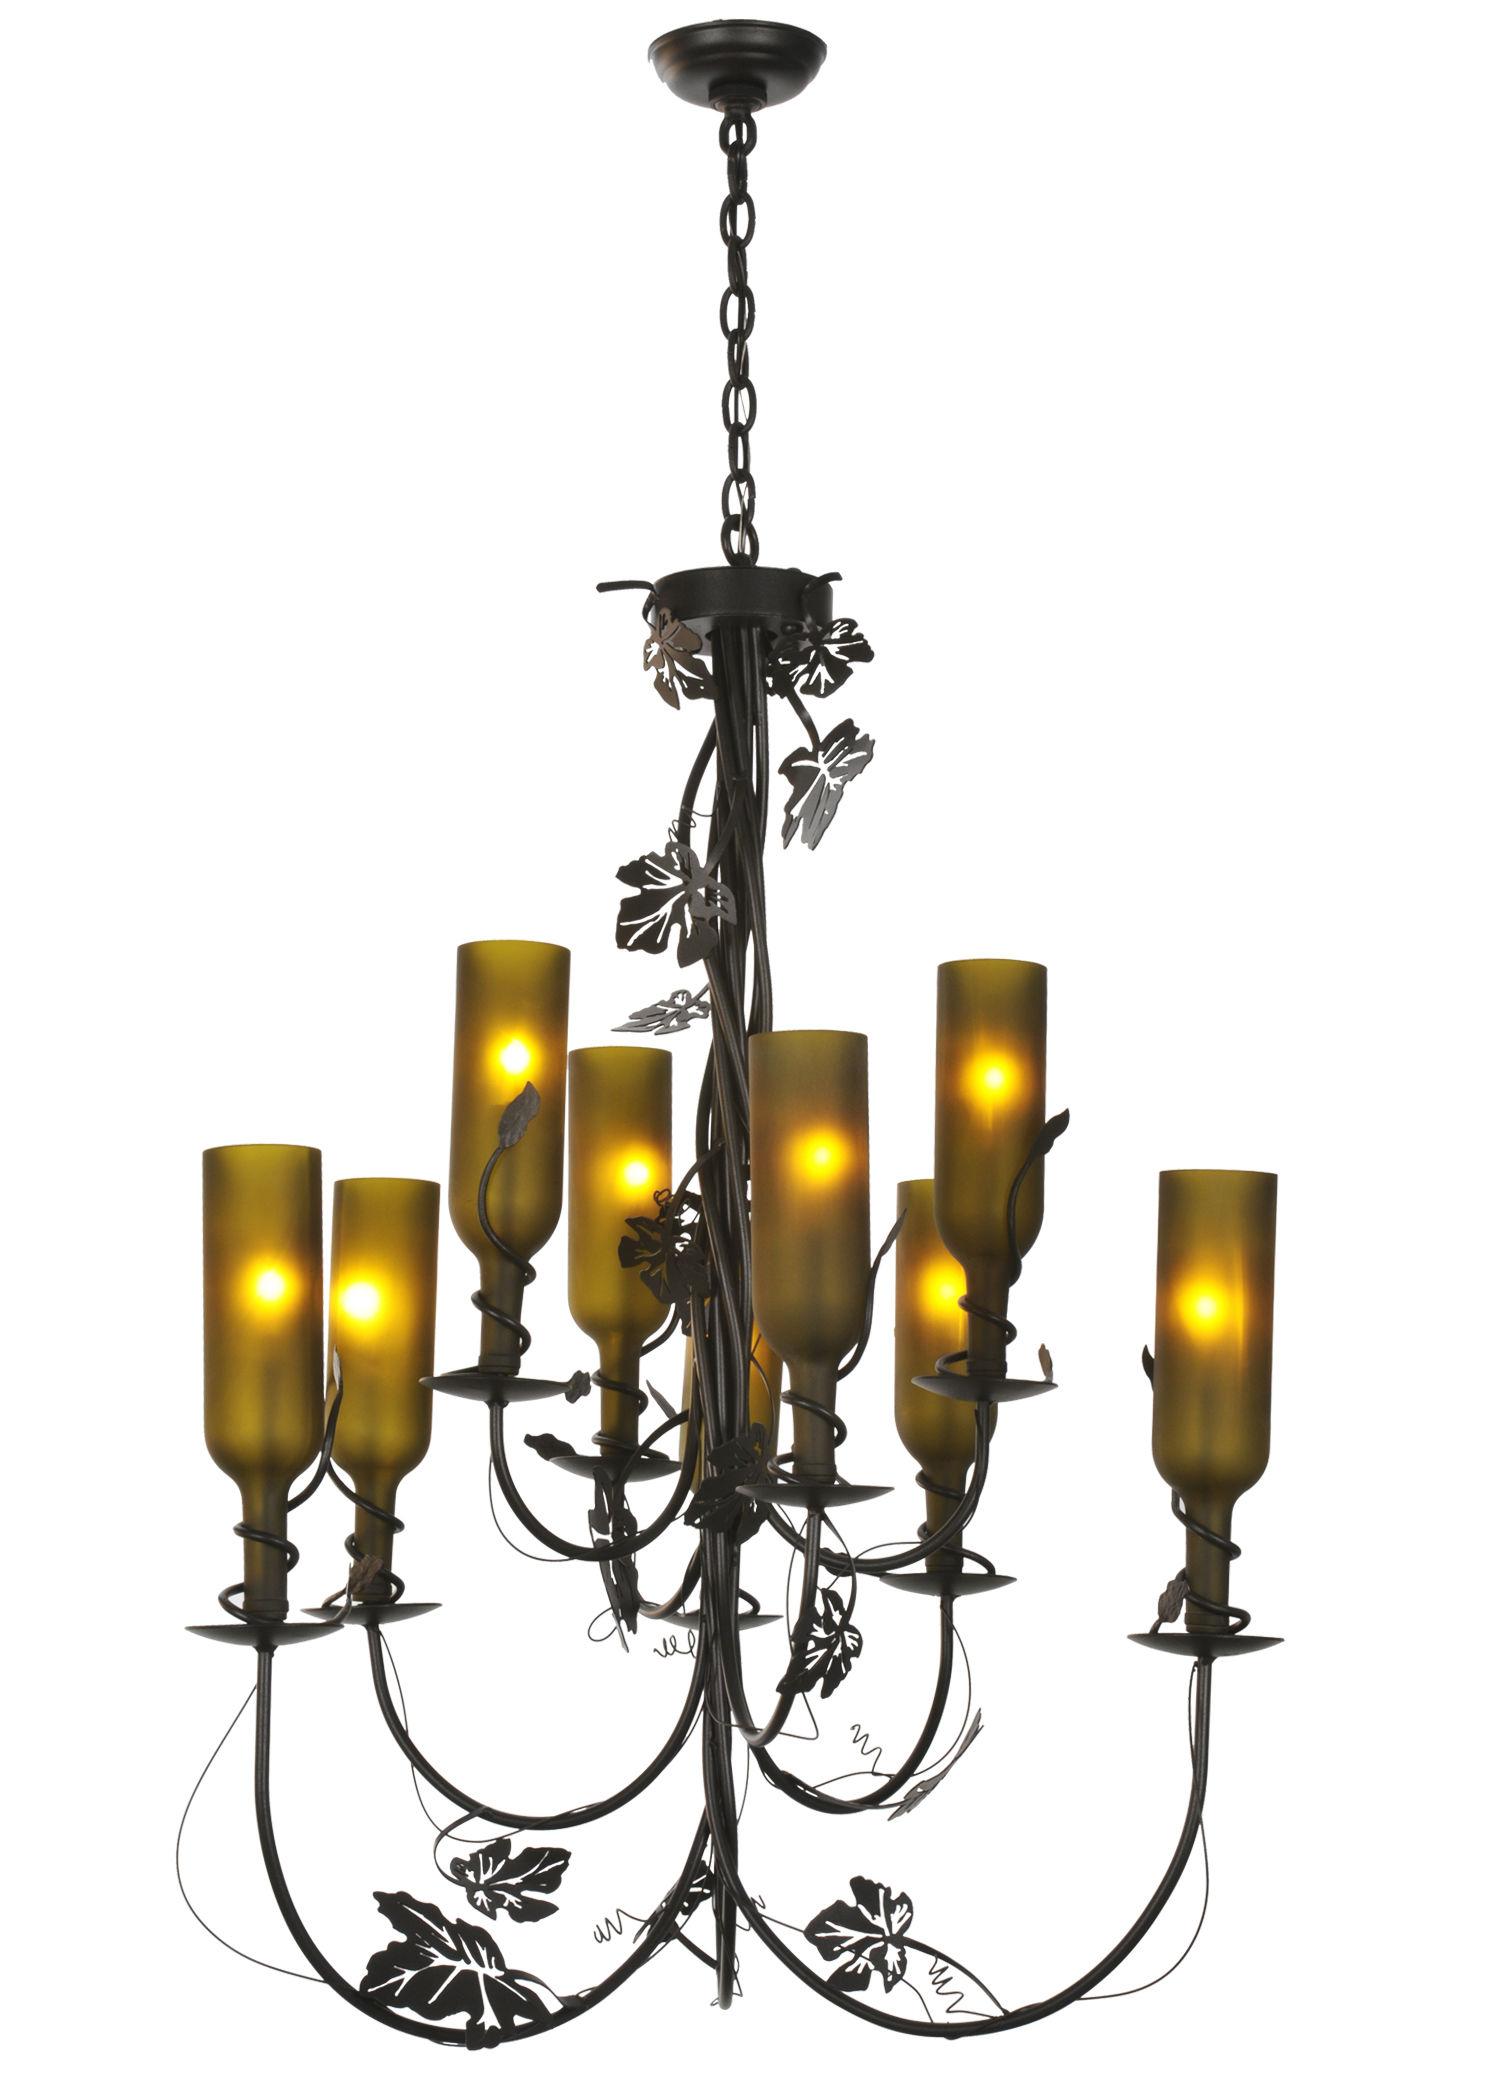 Wine bottle chandeliers chandelier online for How to make a bottle chandelier